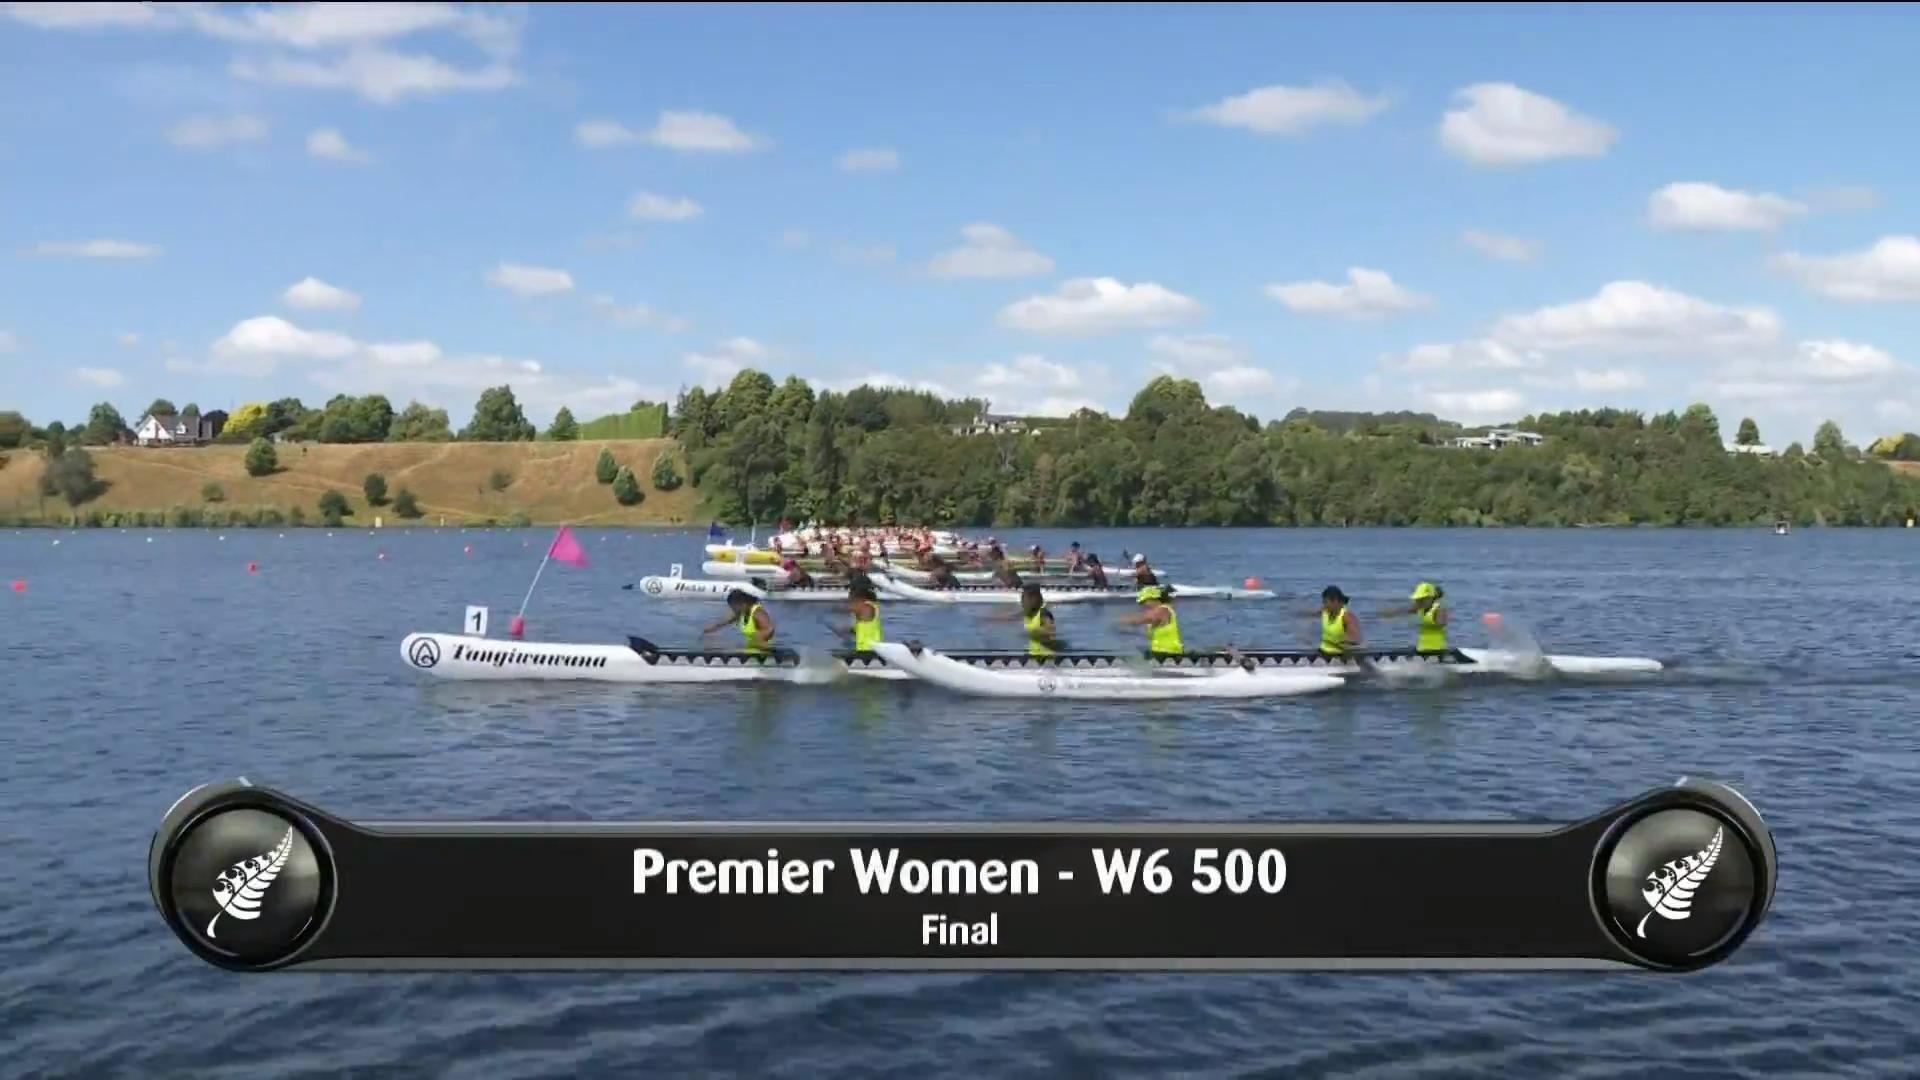 Video for 2019 Waka Ama Sprints - Premier Women - W6 500 Final